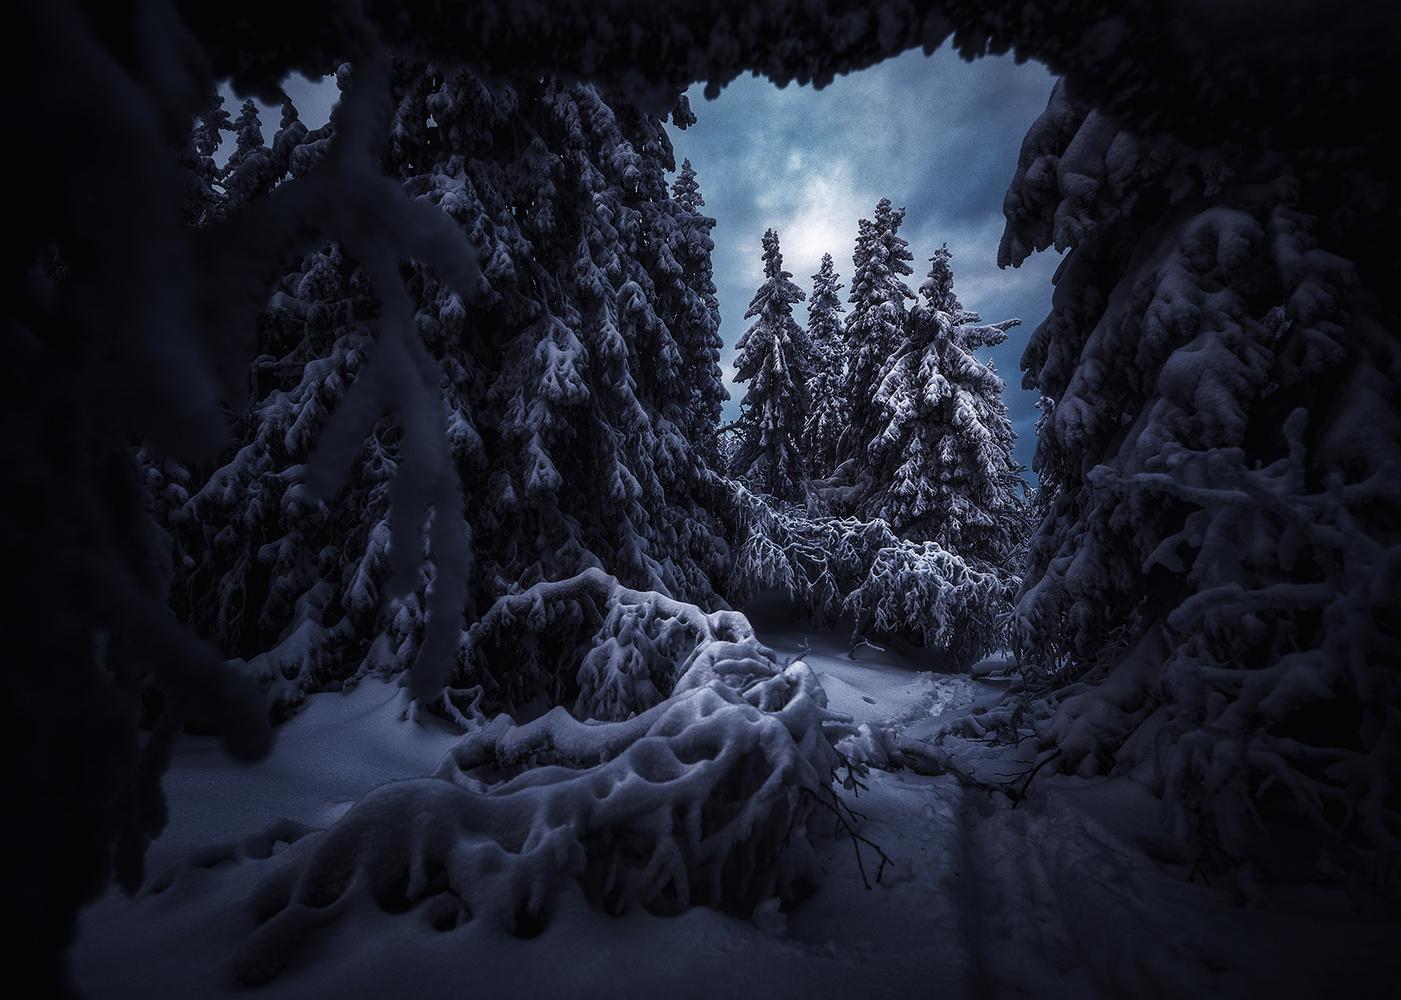 Winter by Alexander Jonsaas